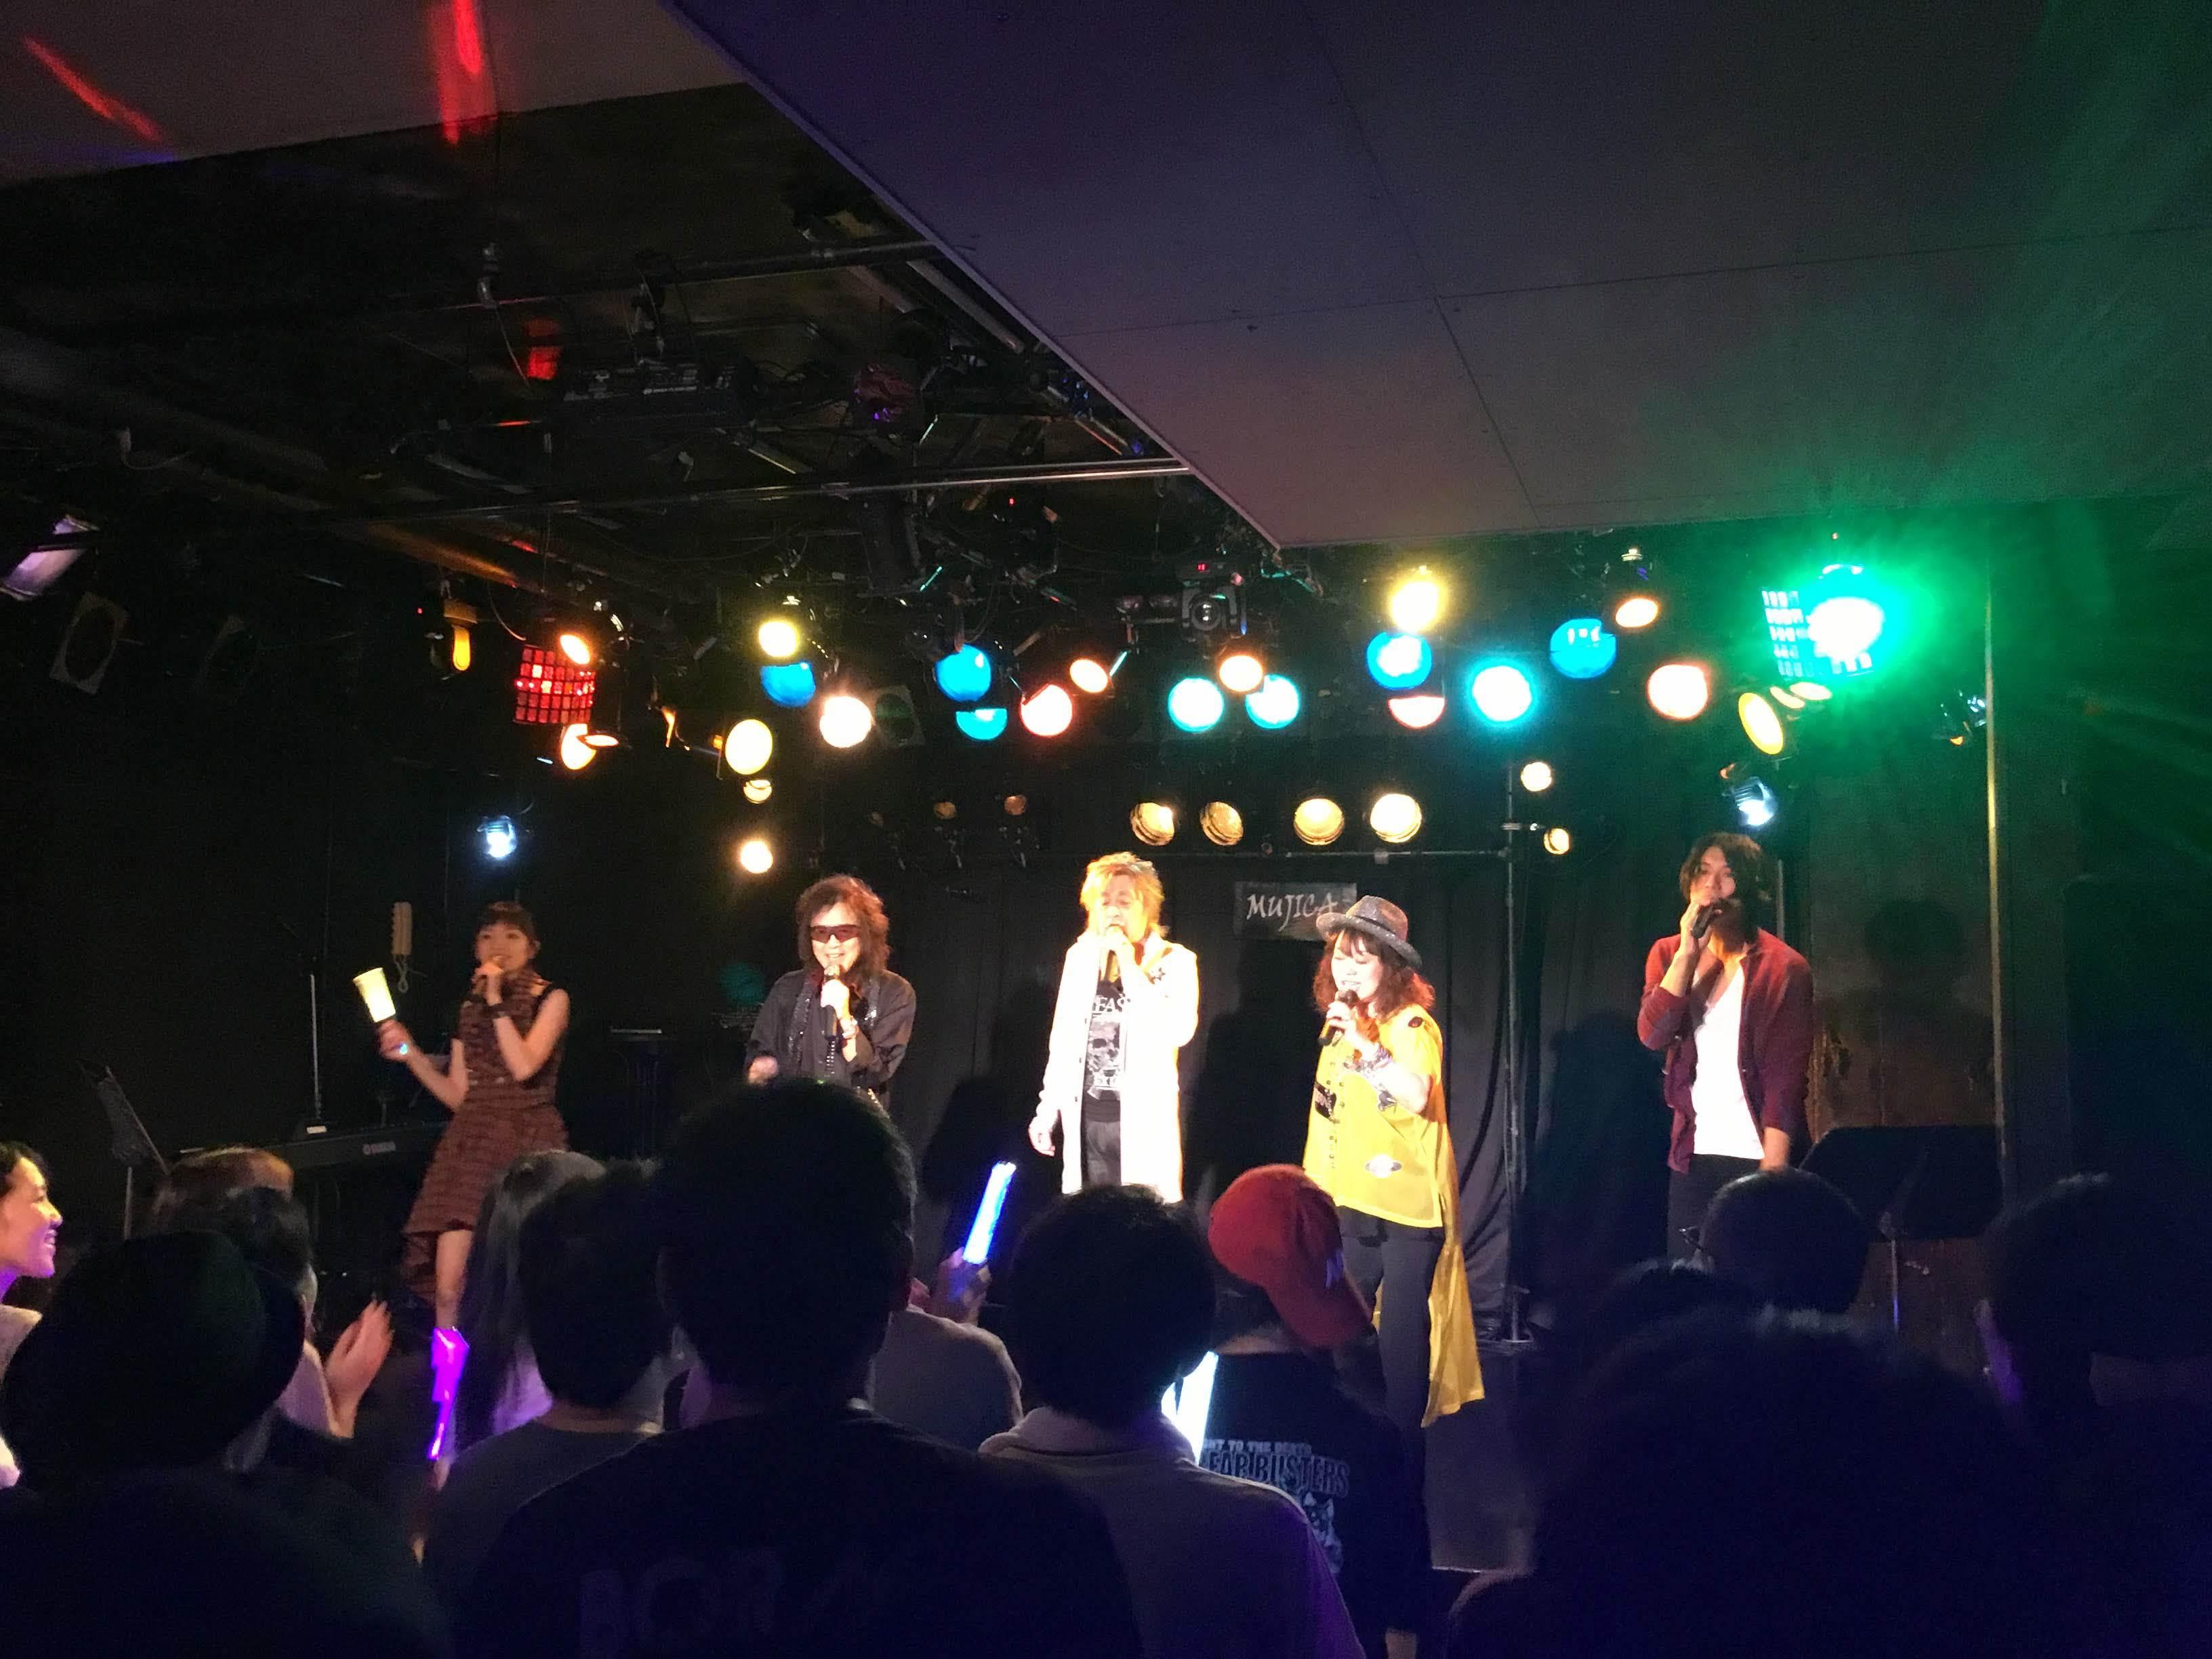 名古屋アニソン特撮ライブお疲れ様でした!_d0155569_16441618.jpg